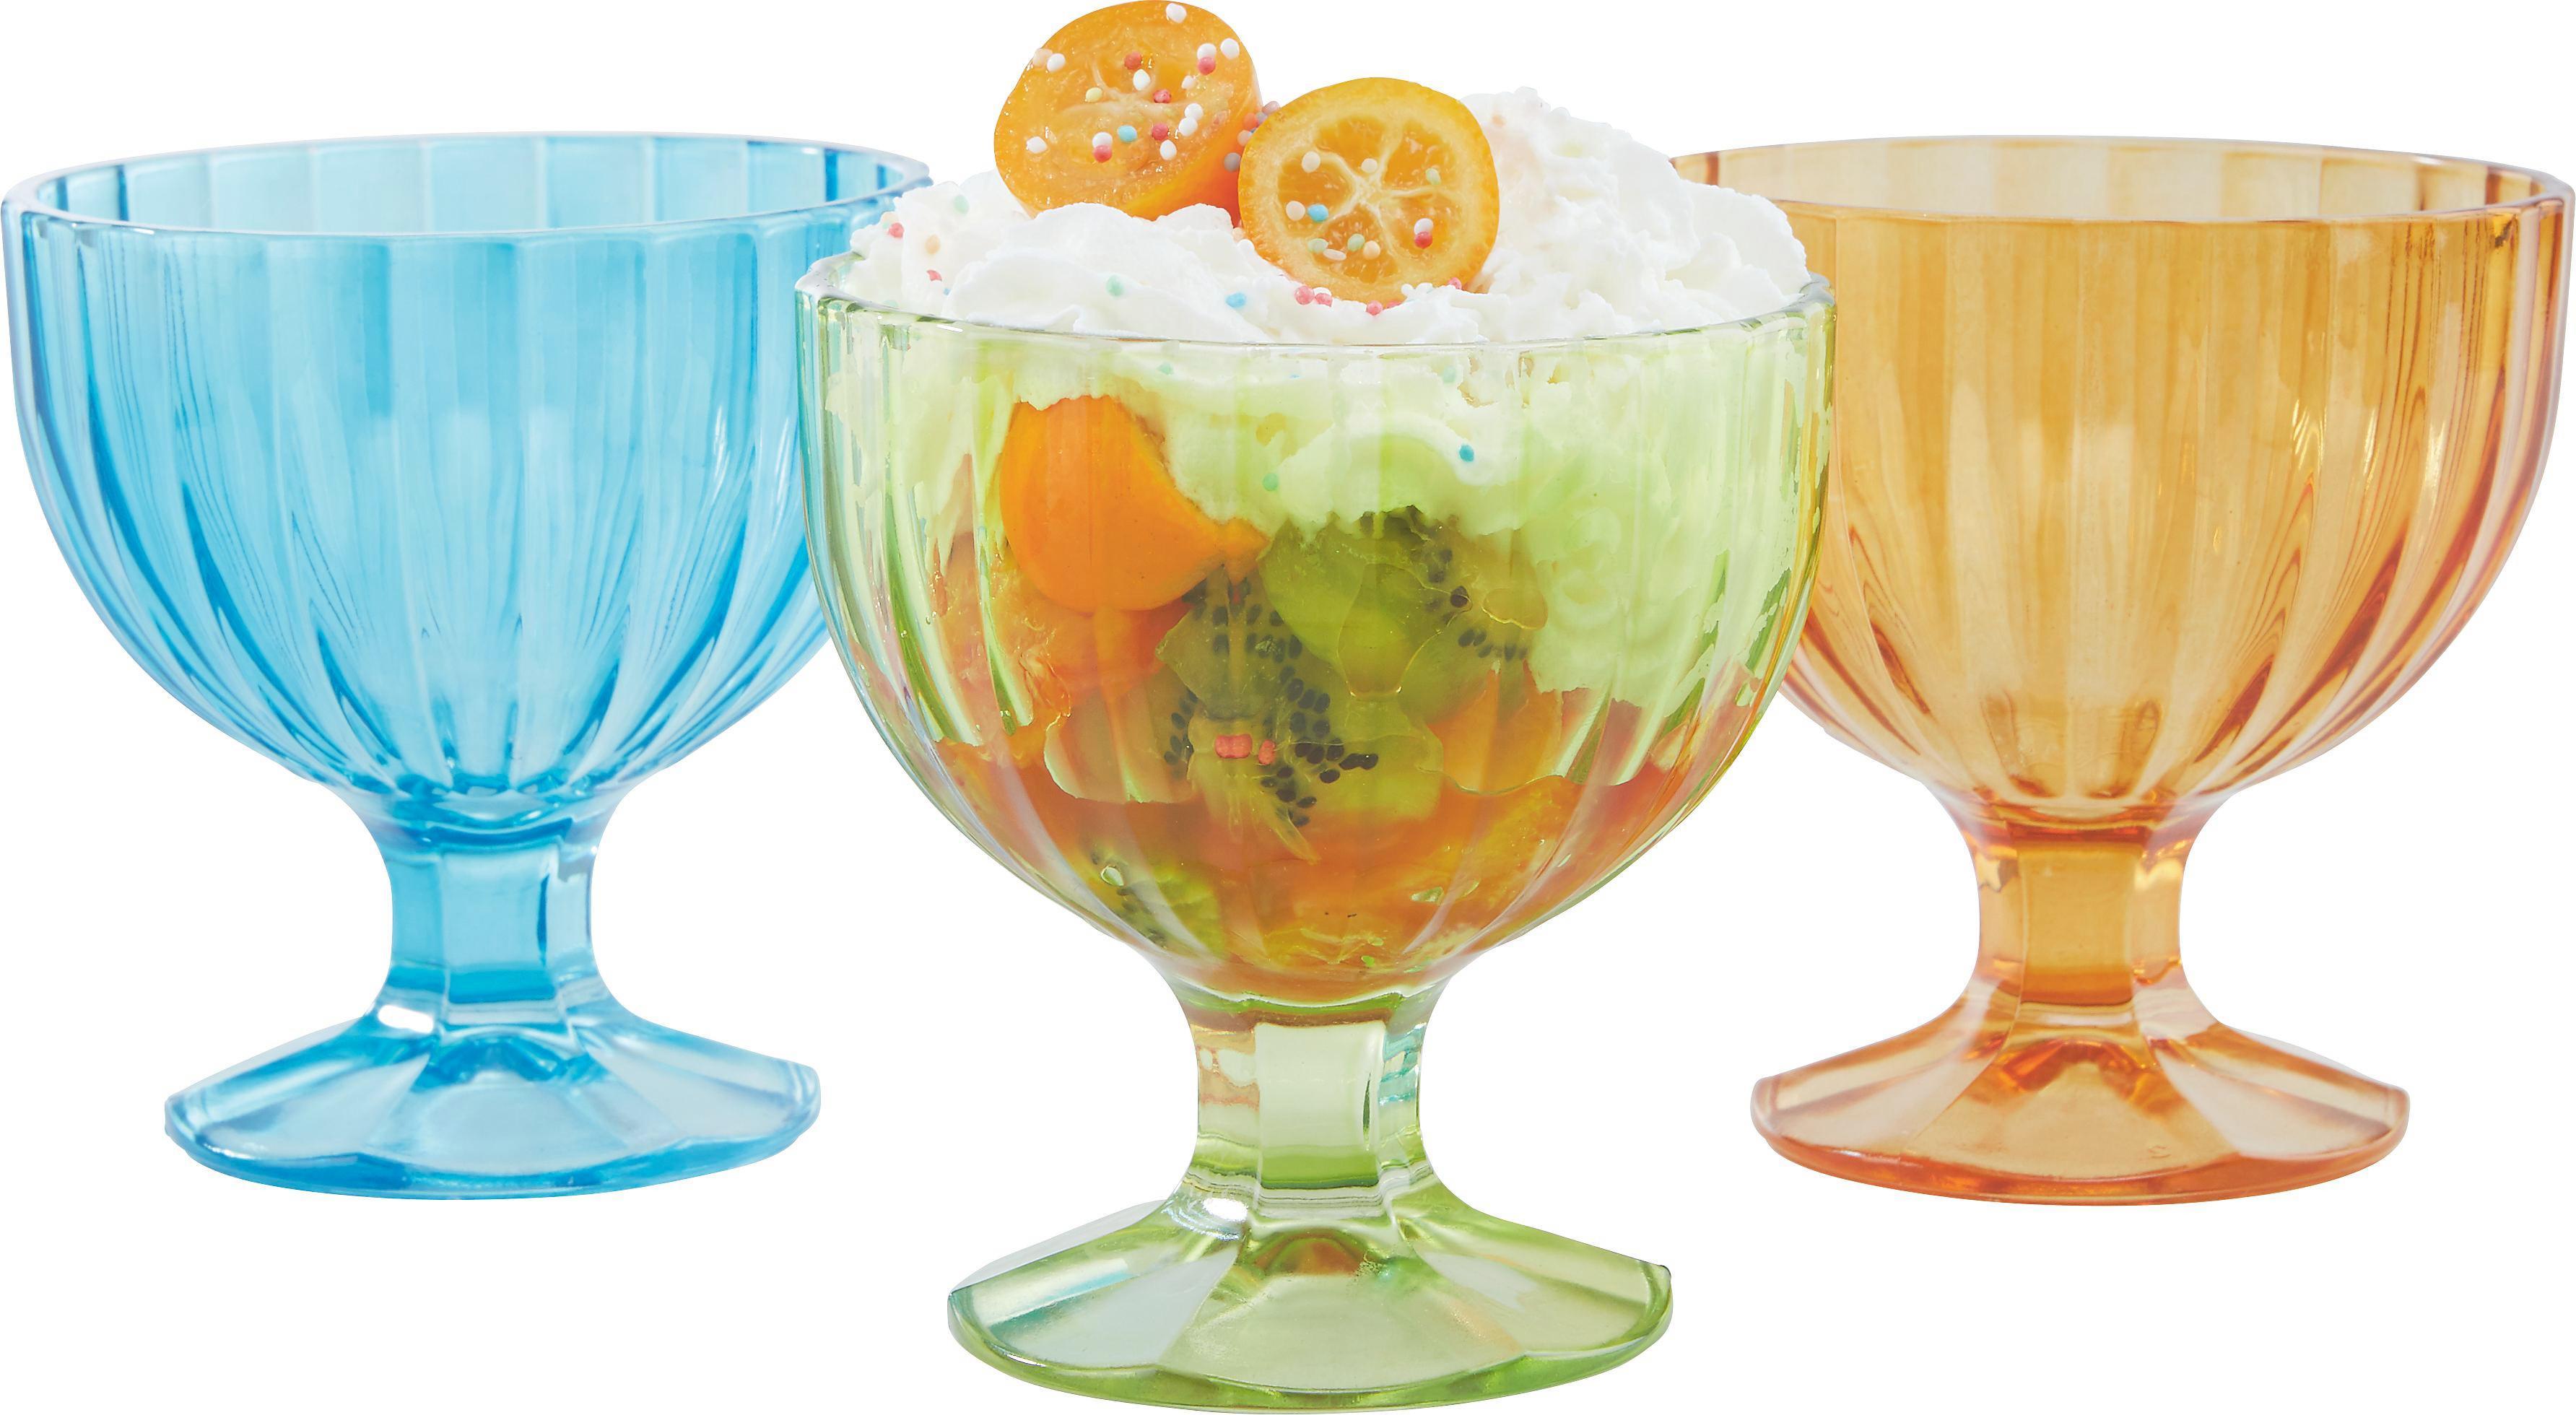 Eisschale Ellie in verschiedenen Farben - Türkis/Klar, KONVENTIONELL, Glas (7/10/13cm) - MÖMAX modern living